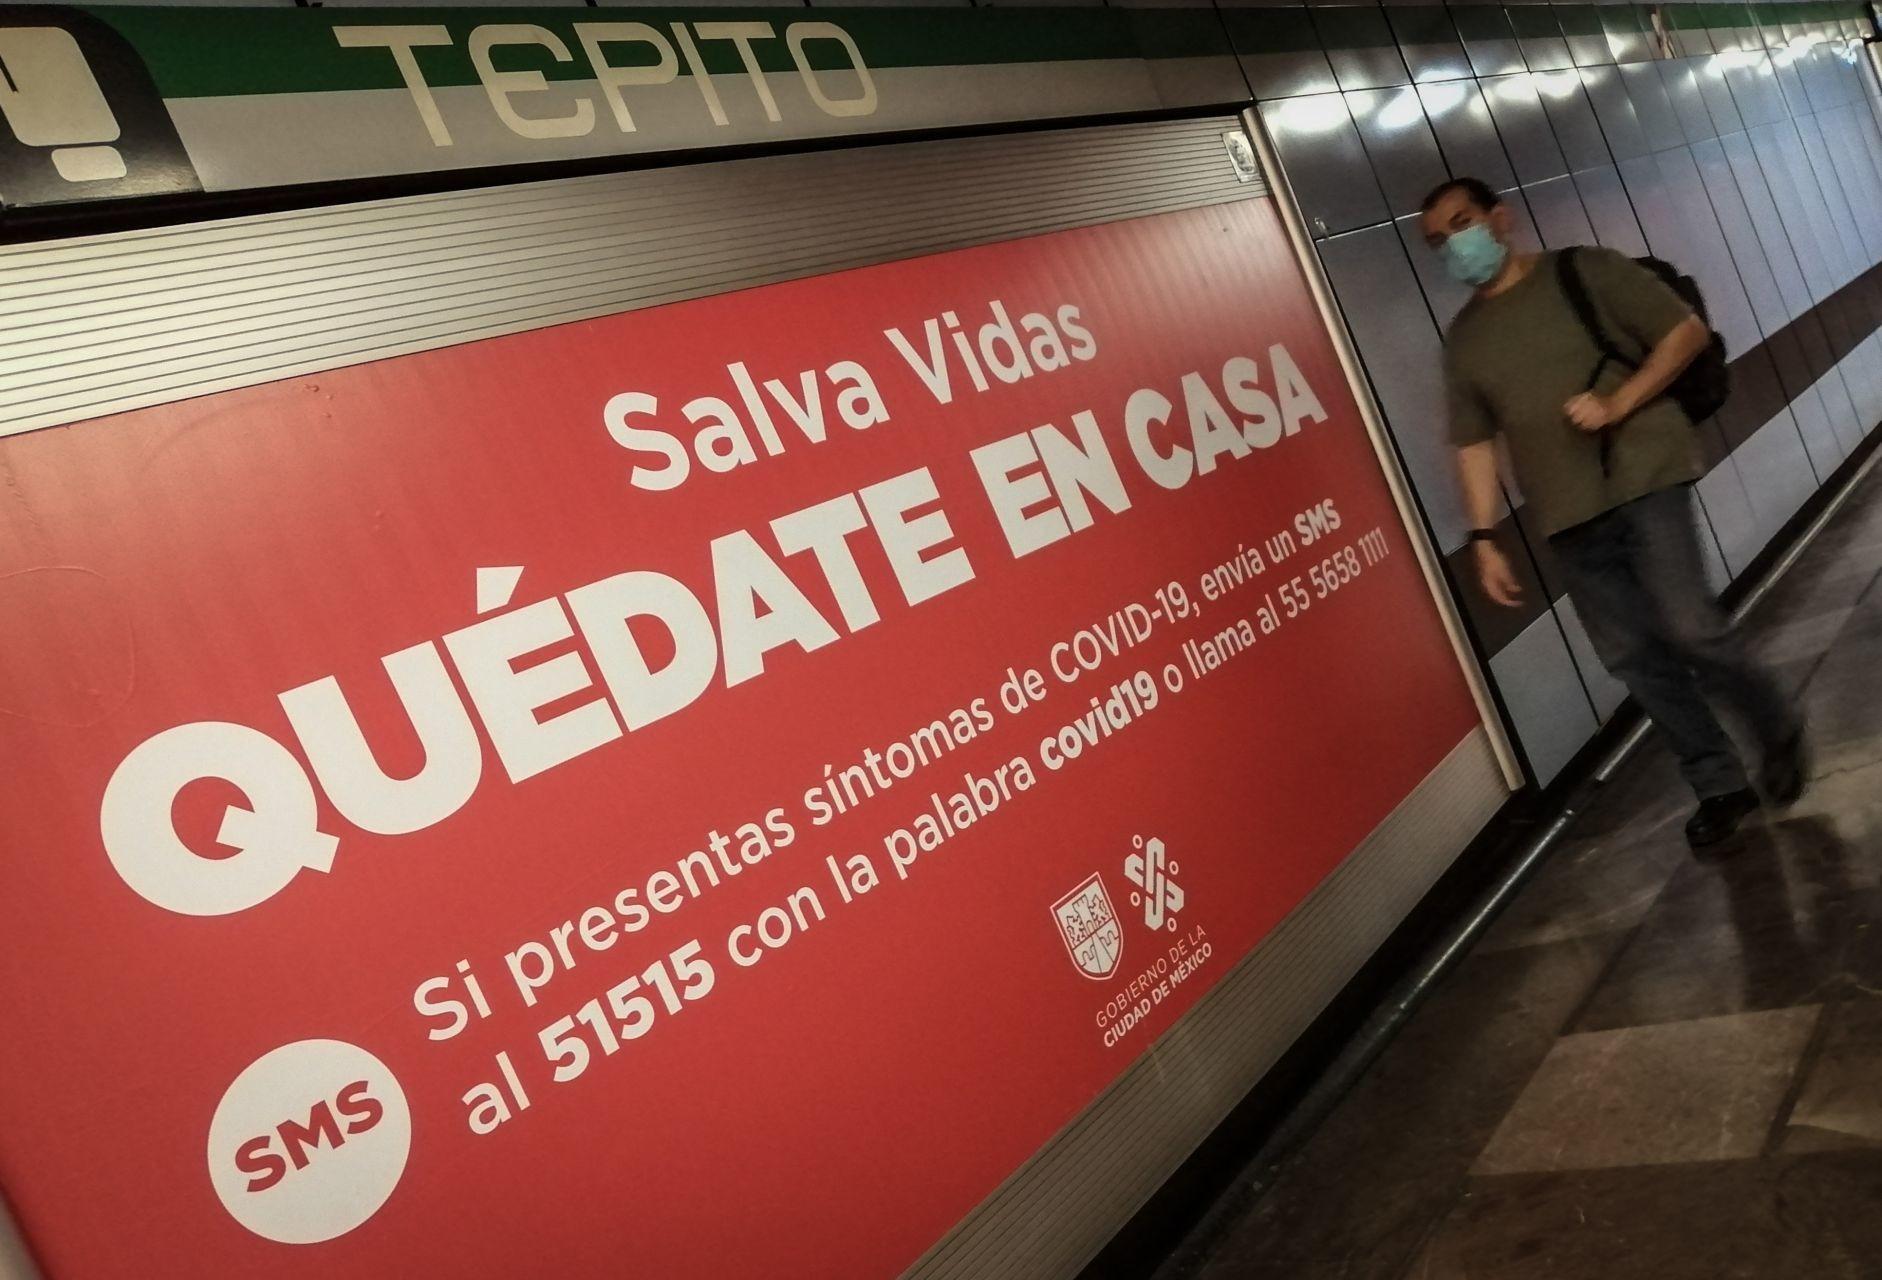 Foto: Mensajes en el Metro invitan a la gente a quedarse en casa, 23 de abril de 2020, (ANDREA MURCIA /CUARTOSCURO.COM)